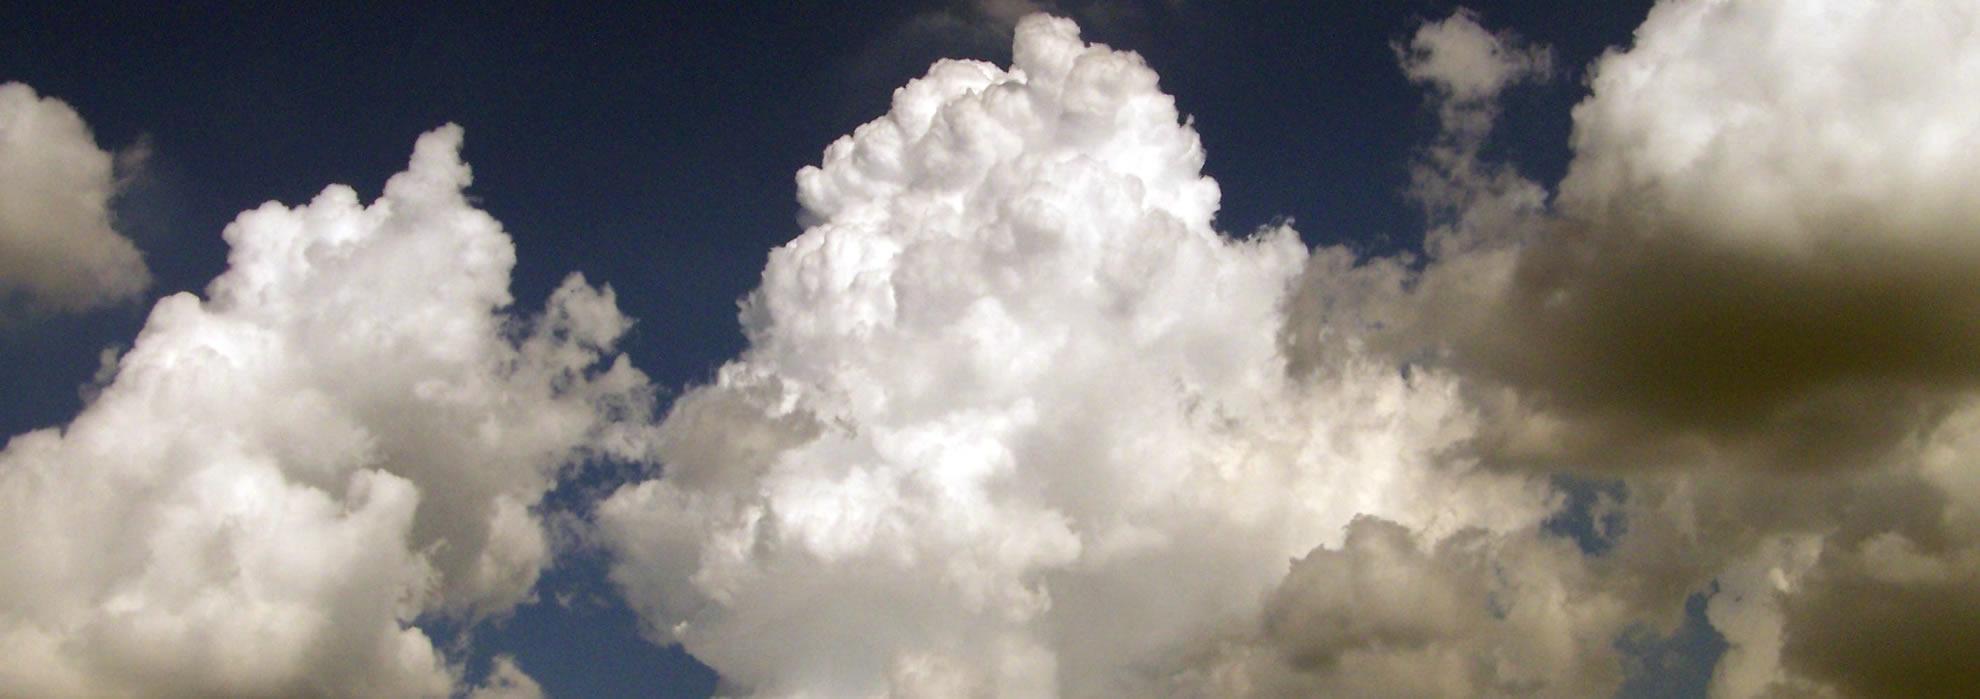 tshe-clouds